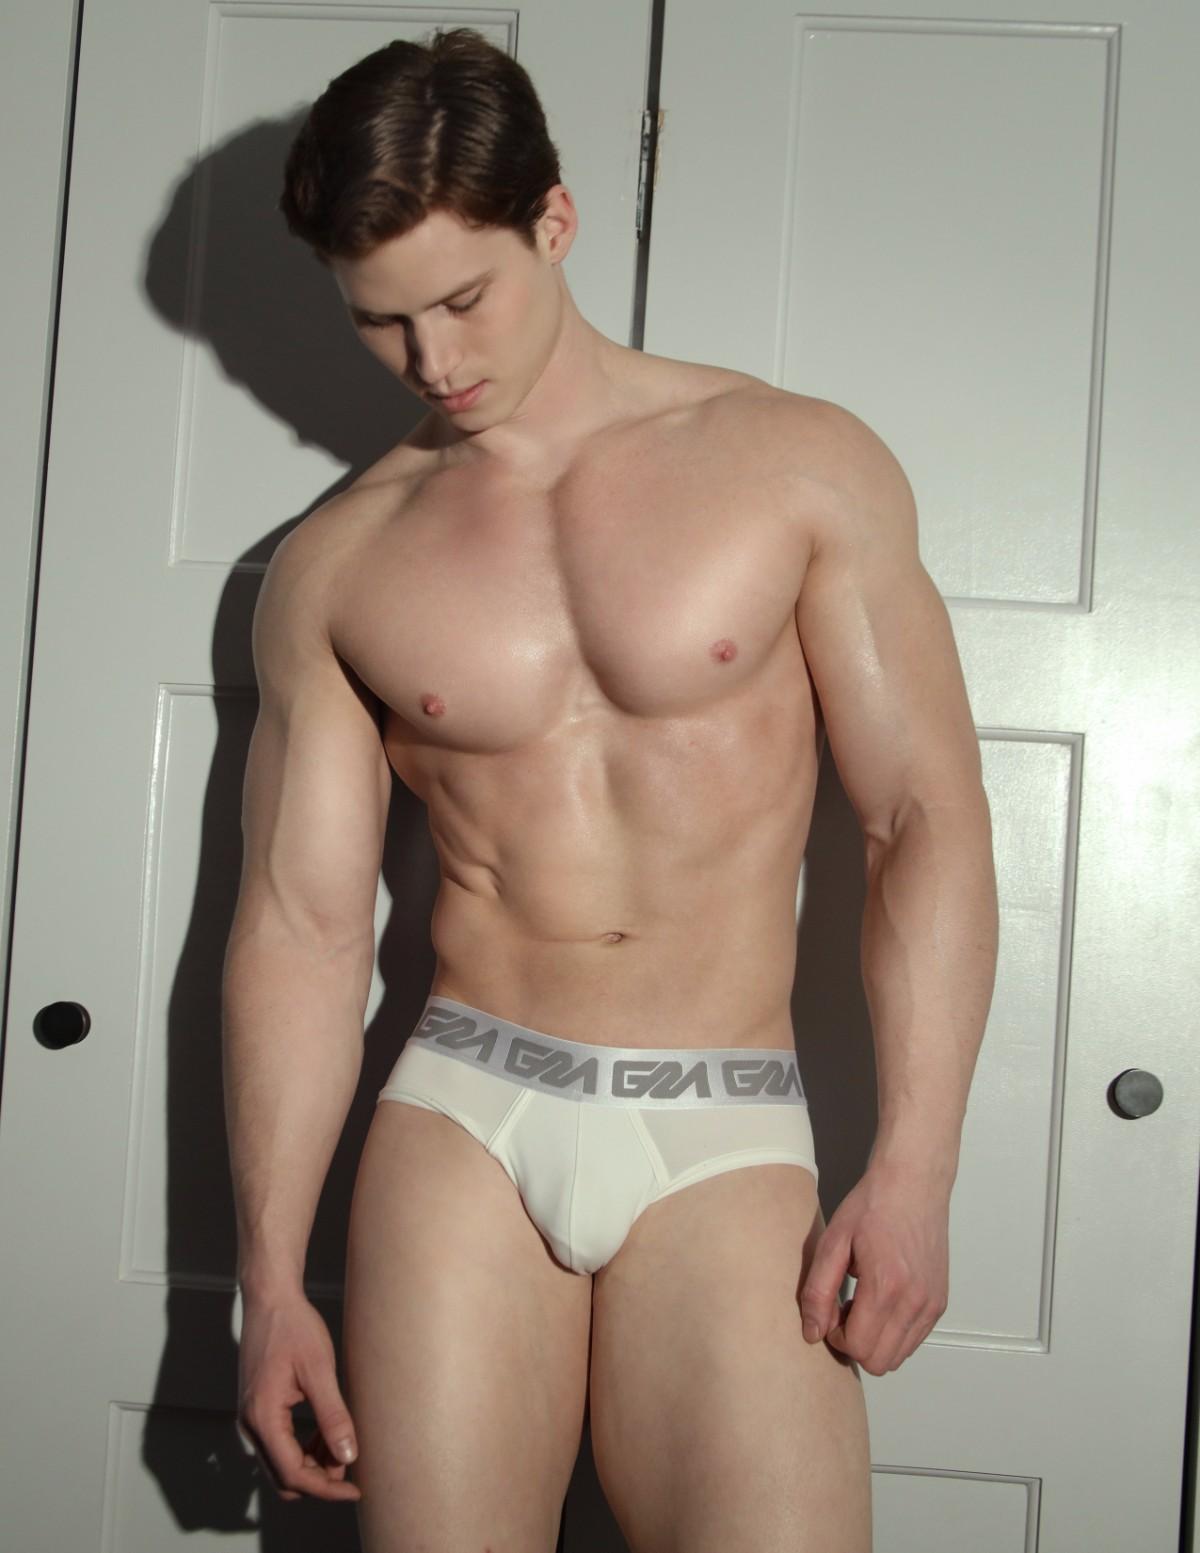 Garcon Model - featuring model Matt Waters